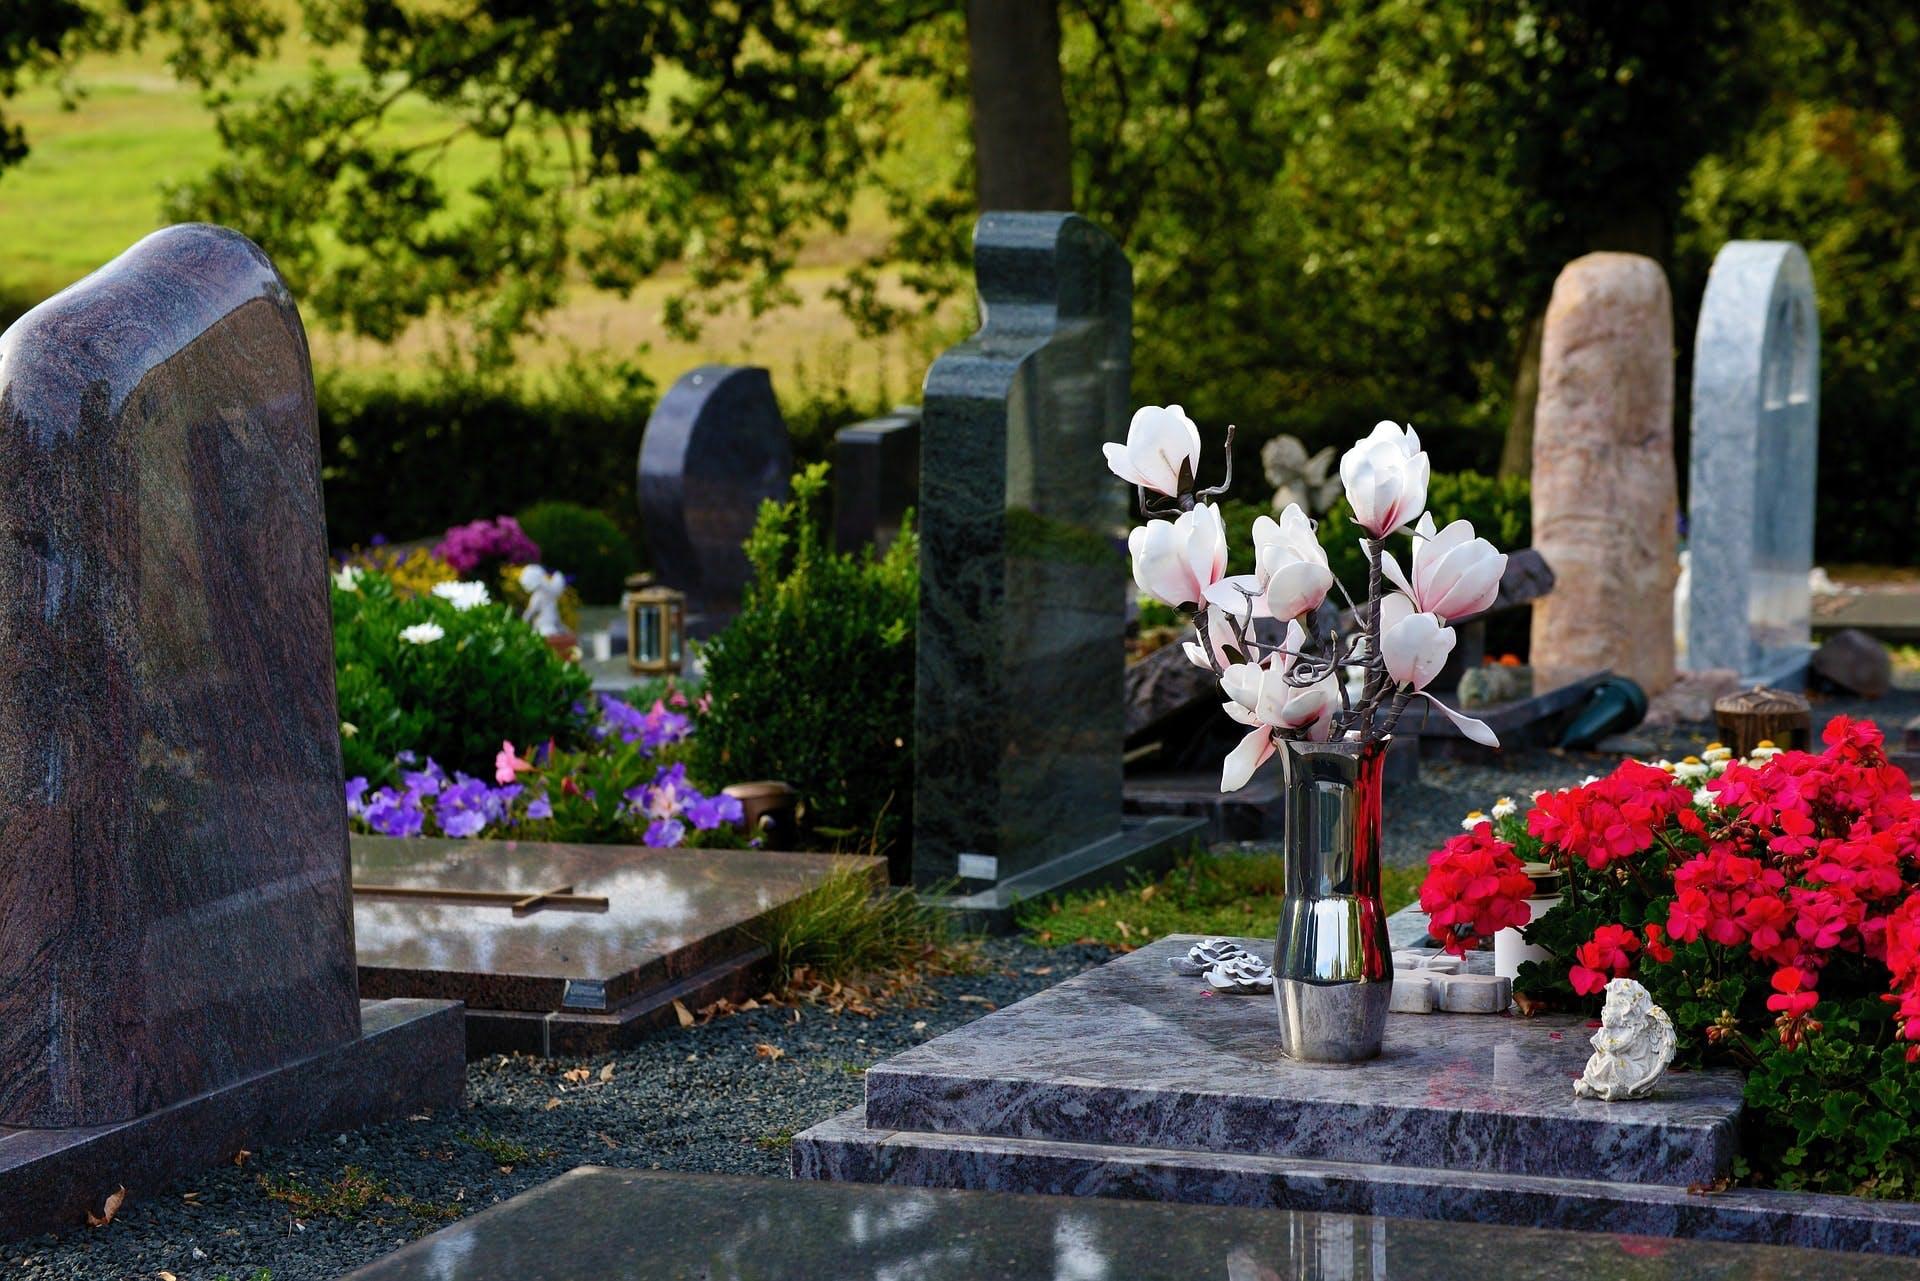 Meilleures Pompes Funèbres aide à gérer des obsèques avant, pendant et après la cérémonie funéraire